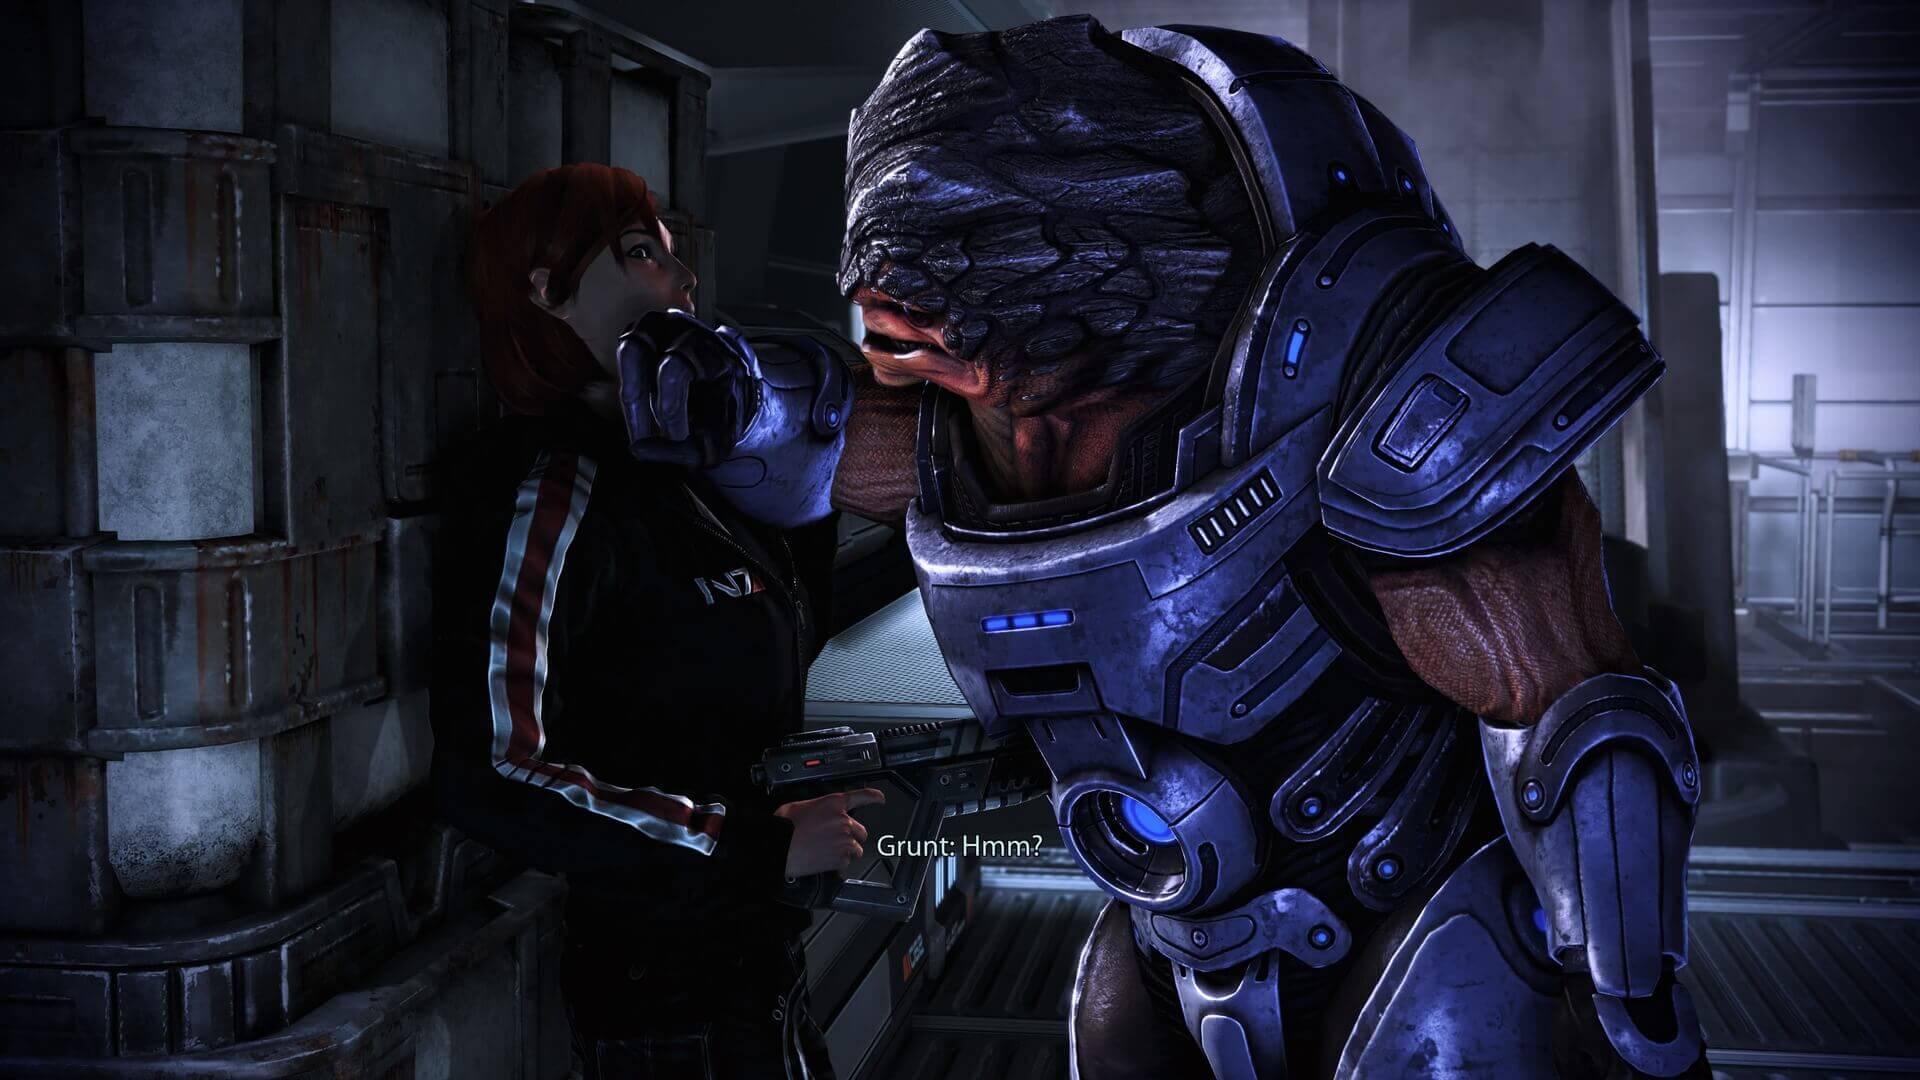 Mass Effect, EA, Bioware, Mass Effect Legendary Edition, Delfos, Mass Effect 2